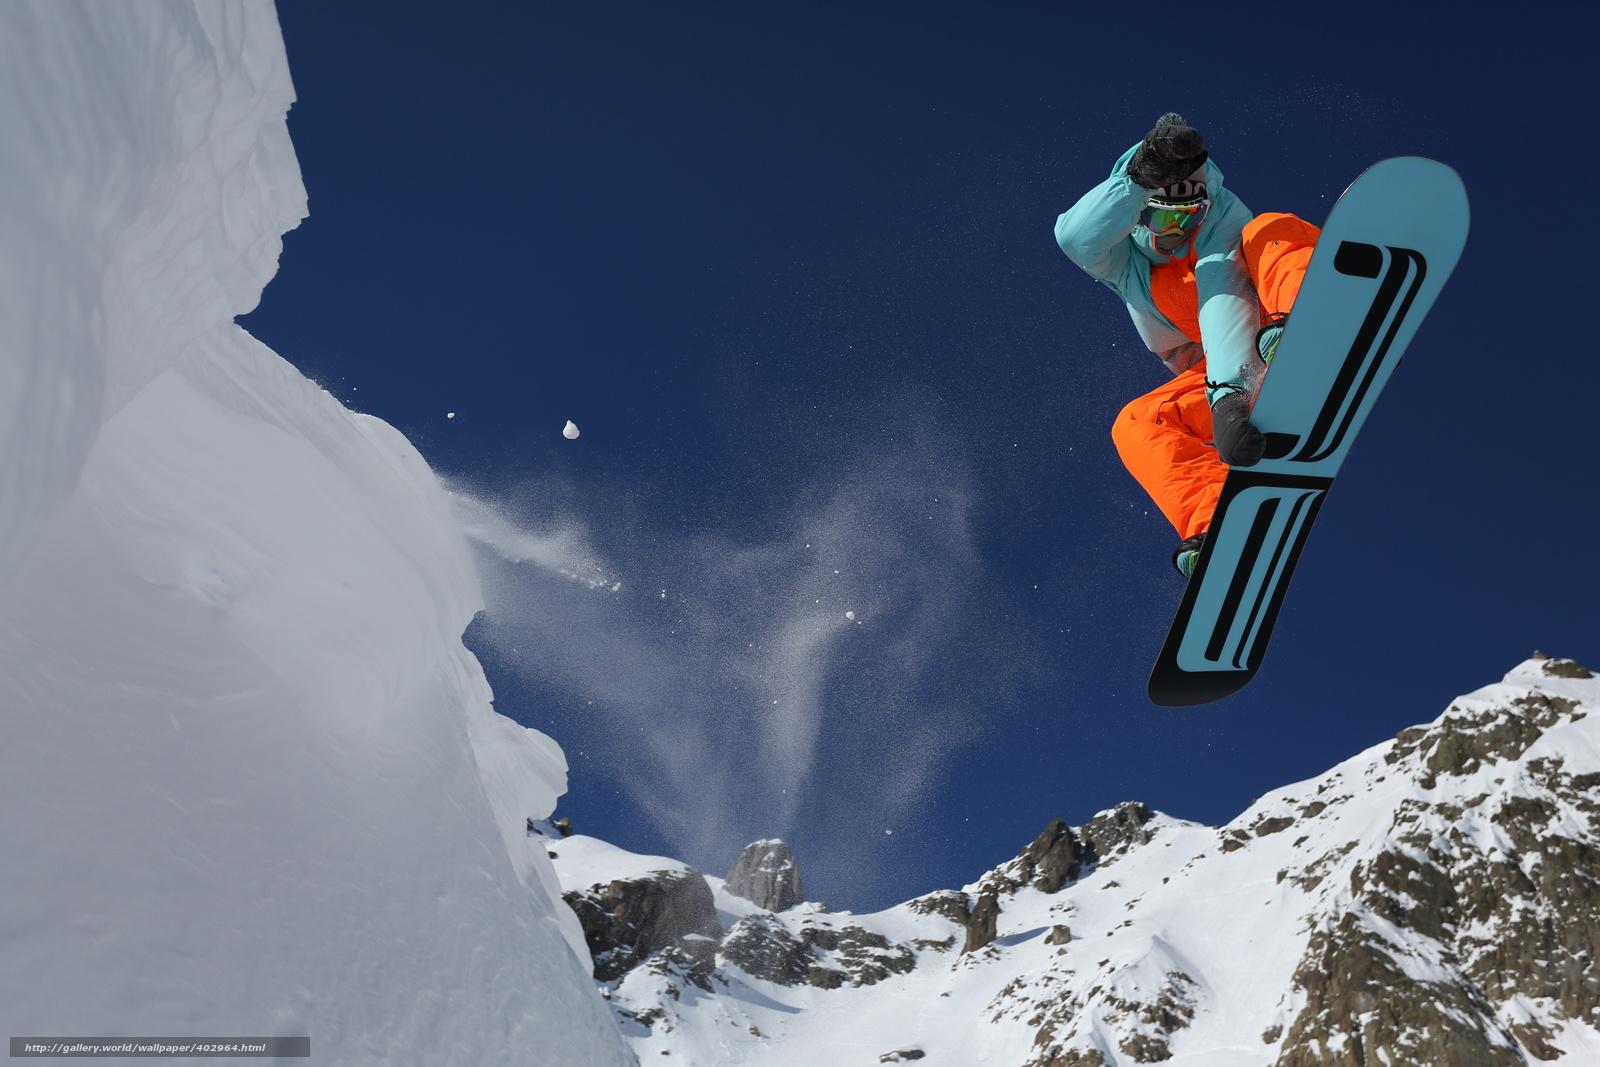 Tlcharger Fond d'ecran sauter,  neige,  snowboard Fonds d'ecran gratuits pour votre rsolution du bureau 5760x3840 — image №402964